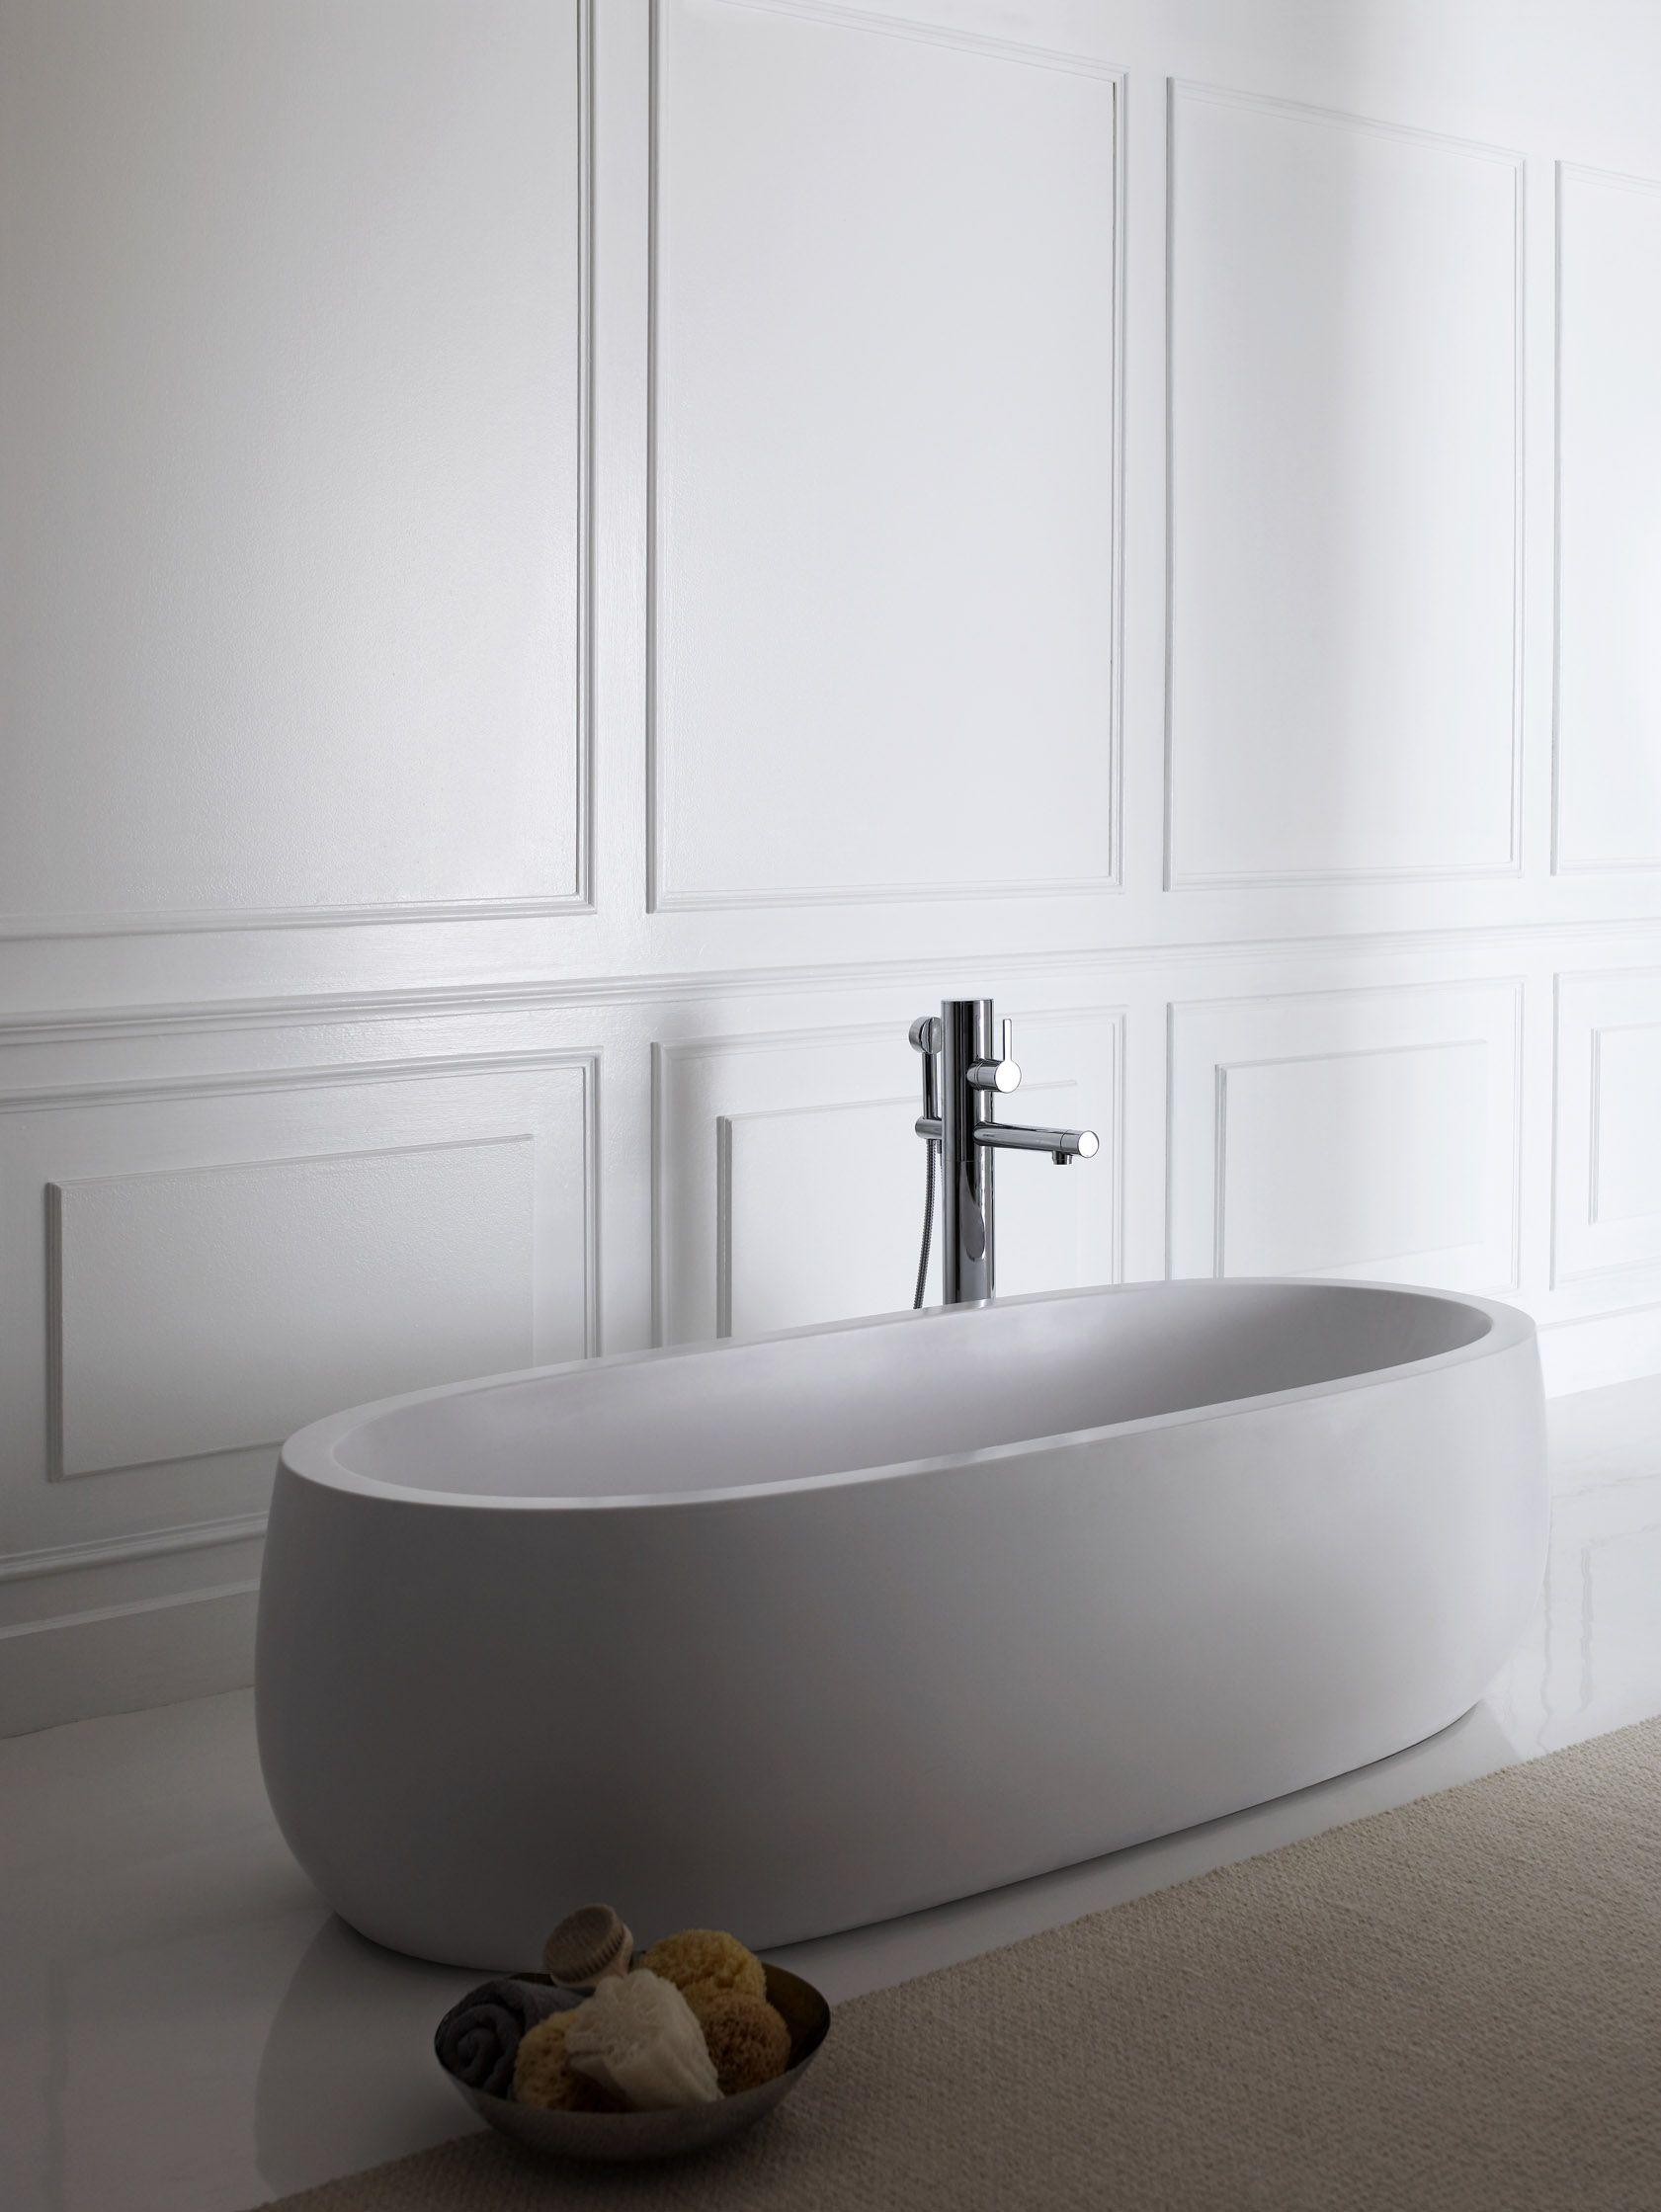 lines laufen laufen bathrooms design. LAUFEN Bathroom Products And Designs Lines Laufen Bathrooms Design T